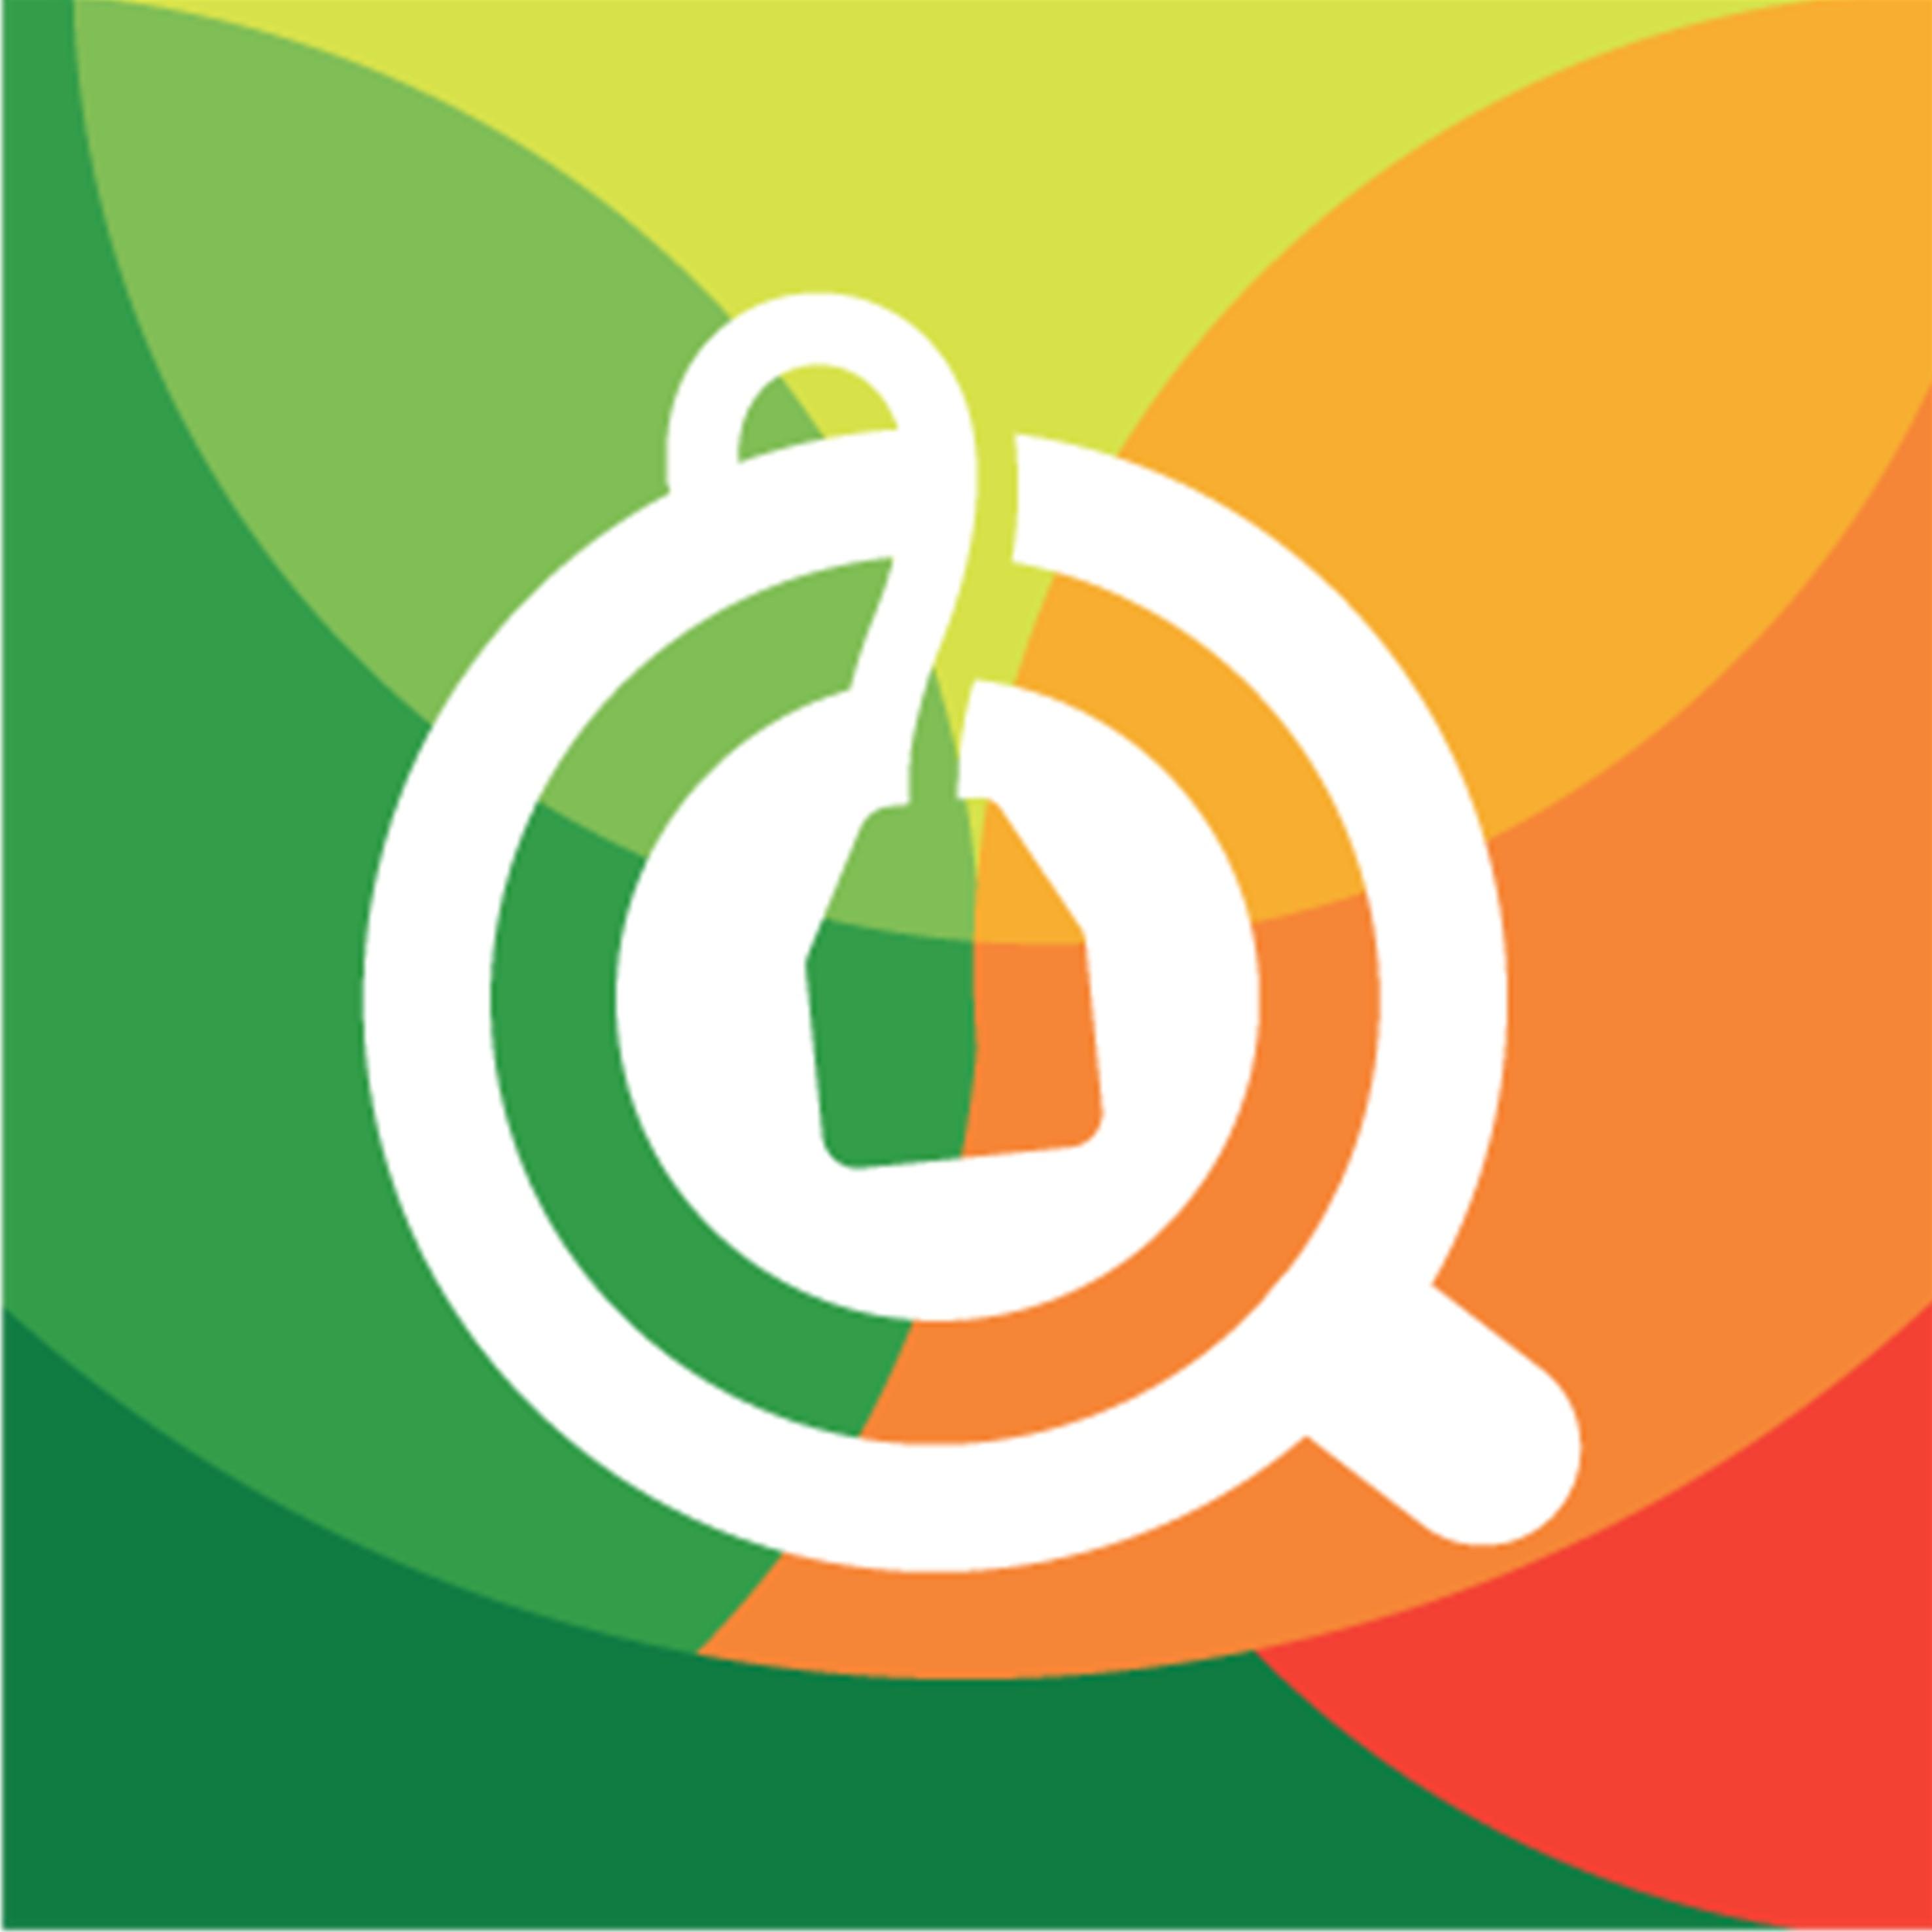 Venta y distribución de Yerba mate de diferentes marcas y orígenes como Cbsé, Rosamonte, Verde Flor, Flor de yerba, Curitivana, Mapuche, Condesa, Taragui, pajarito, Yi-yi, Anahí, entre otras. Así como también sus accesorios.